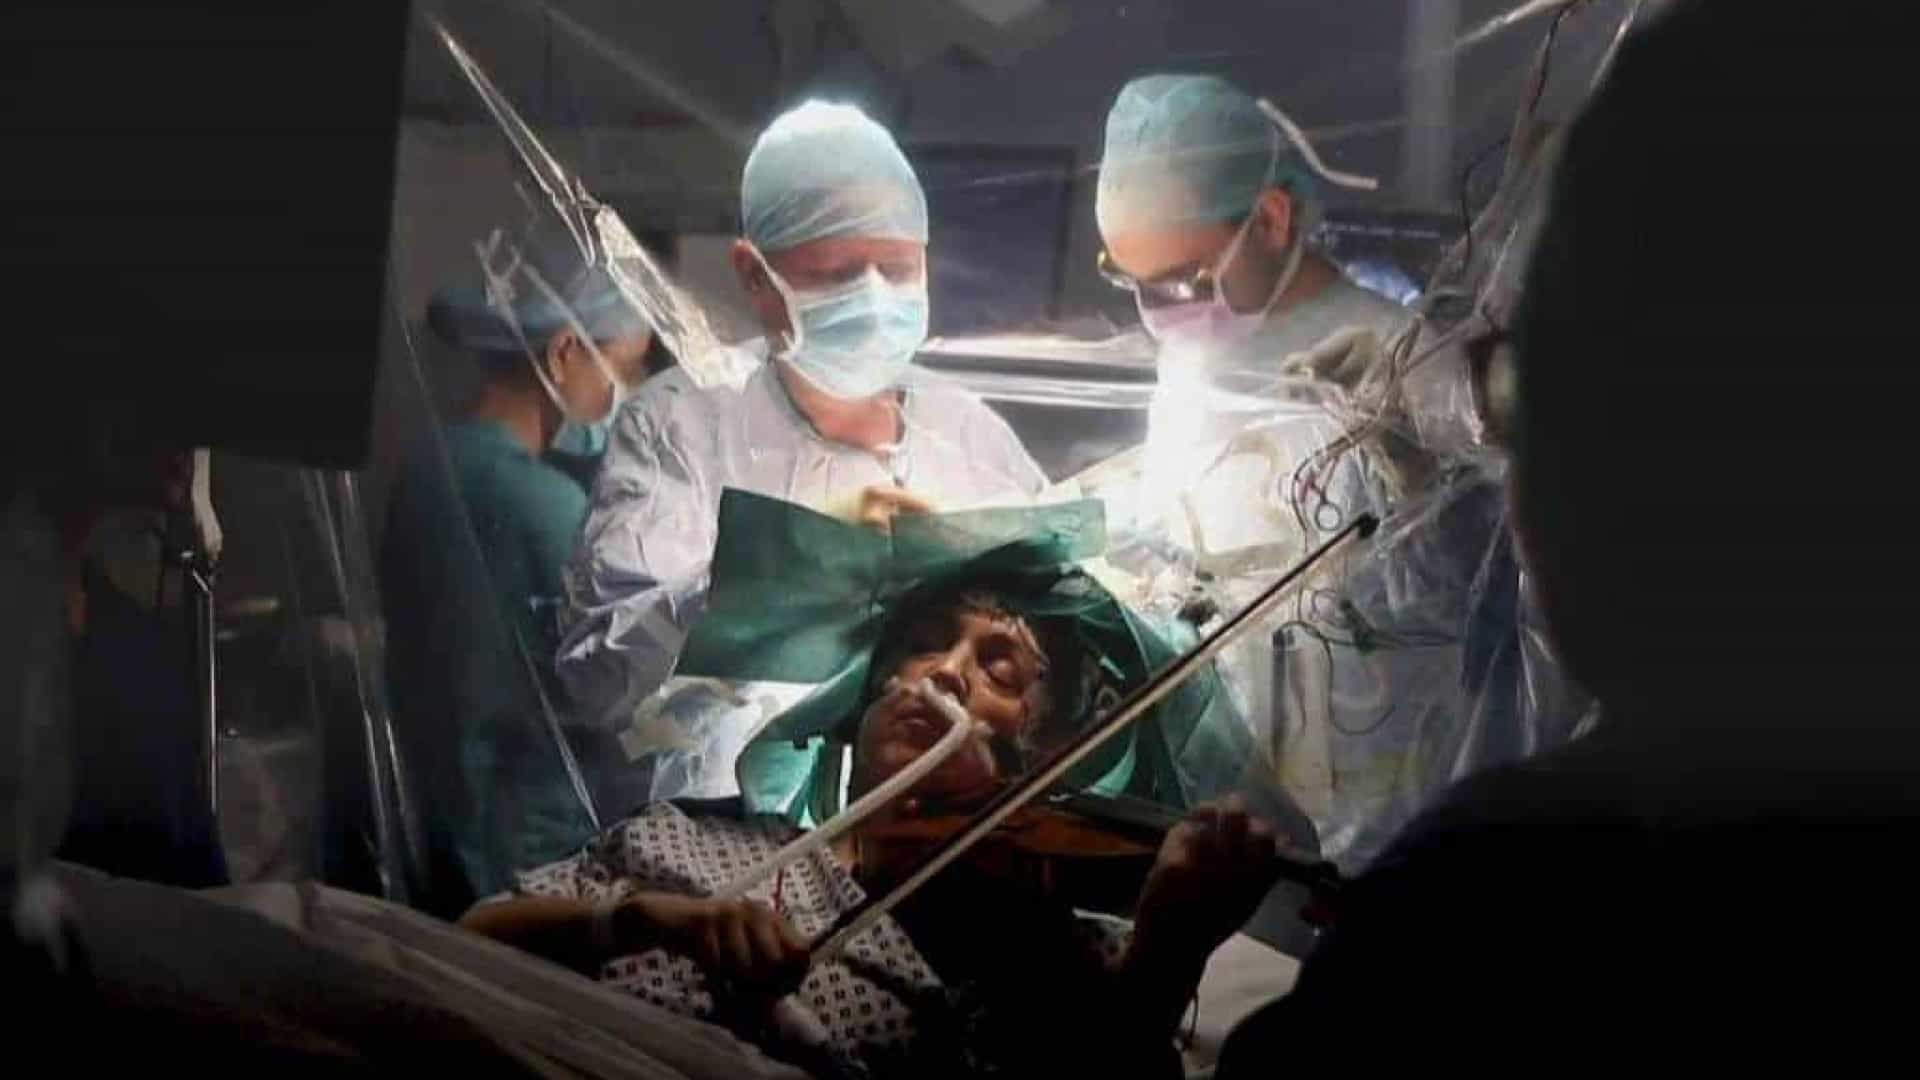 Violinista toca durante a própria cirurgia no cérebro